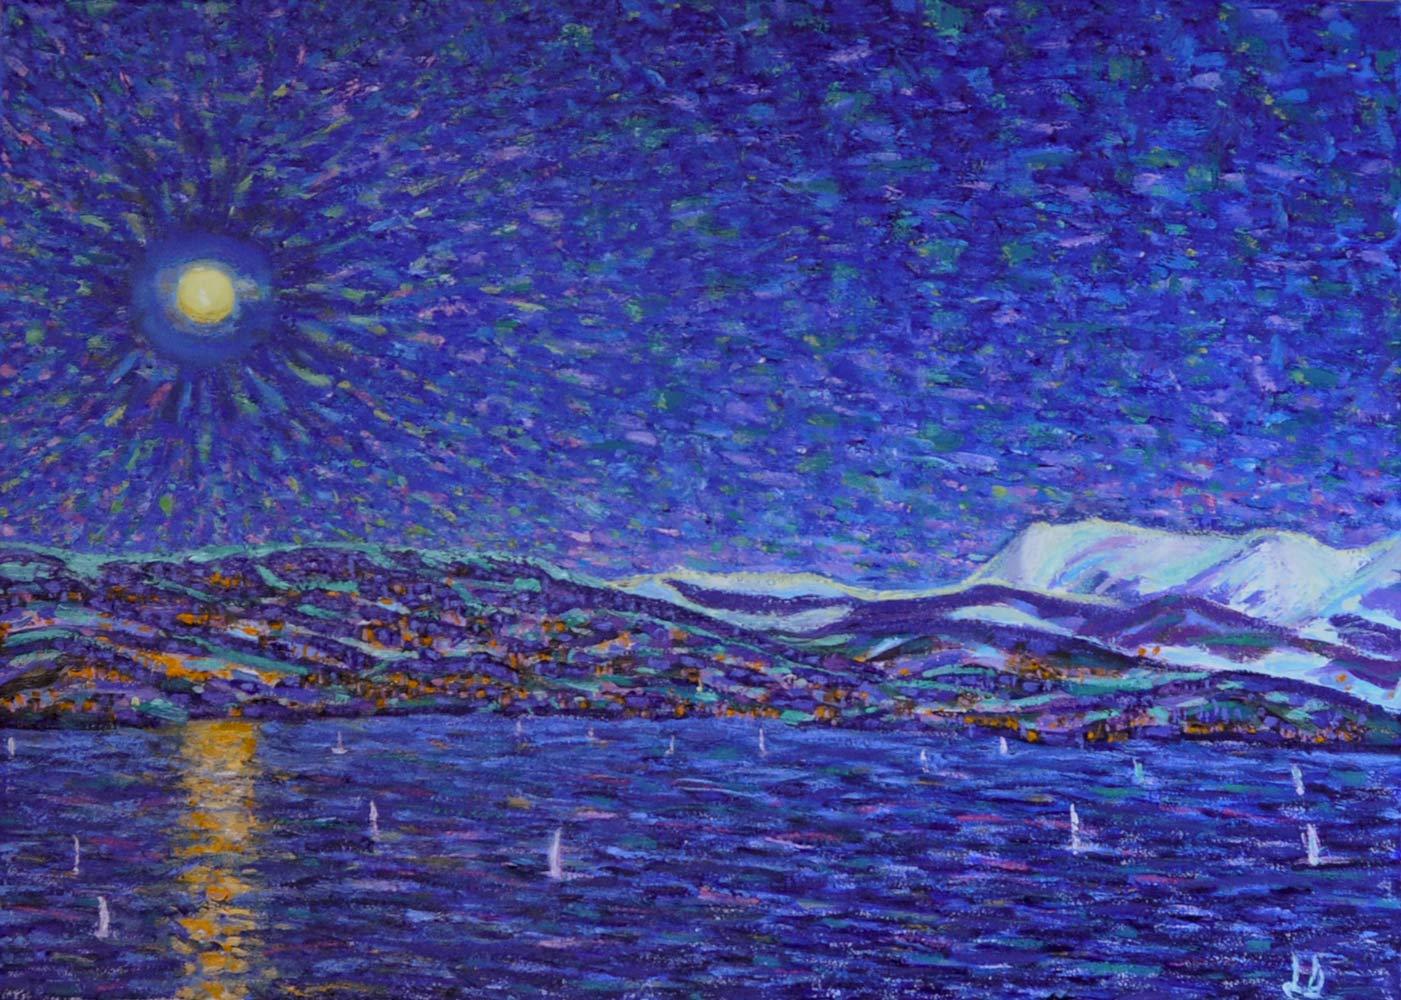 La arasélène au-dessus de Lausanne. huile sur toile. 50x70, 2018